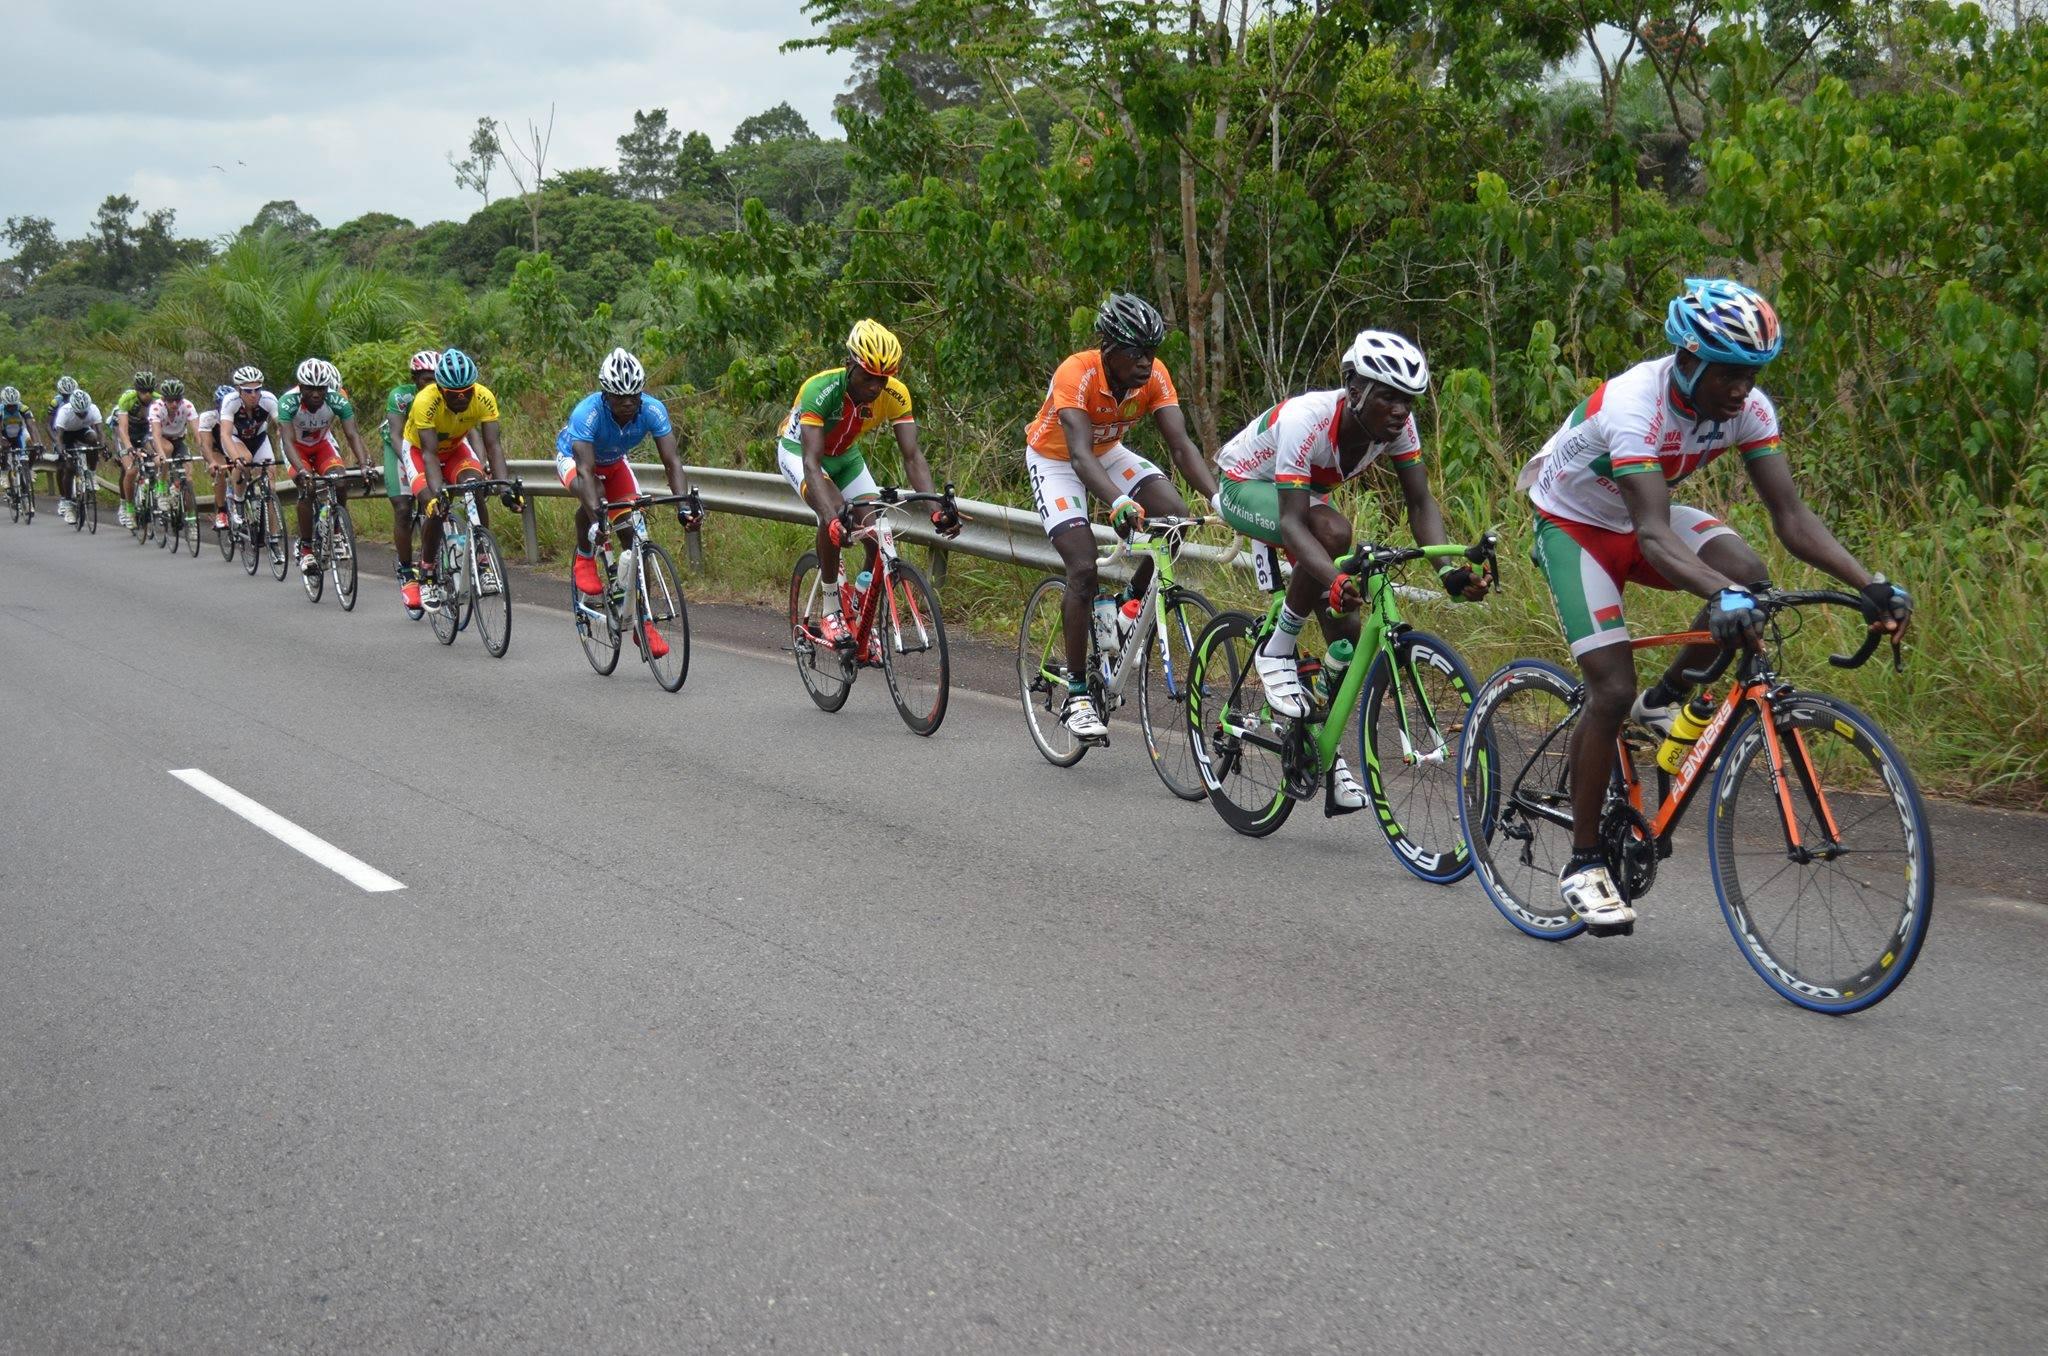 Cyclisme: Le tour du Cameroun annulé quelques heures avant le départ